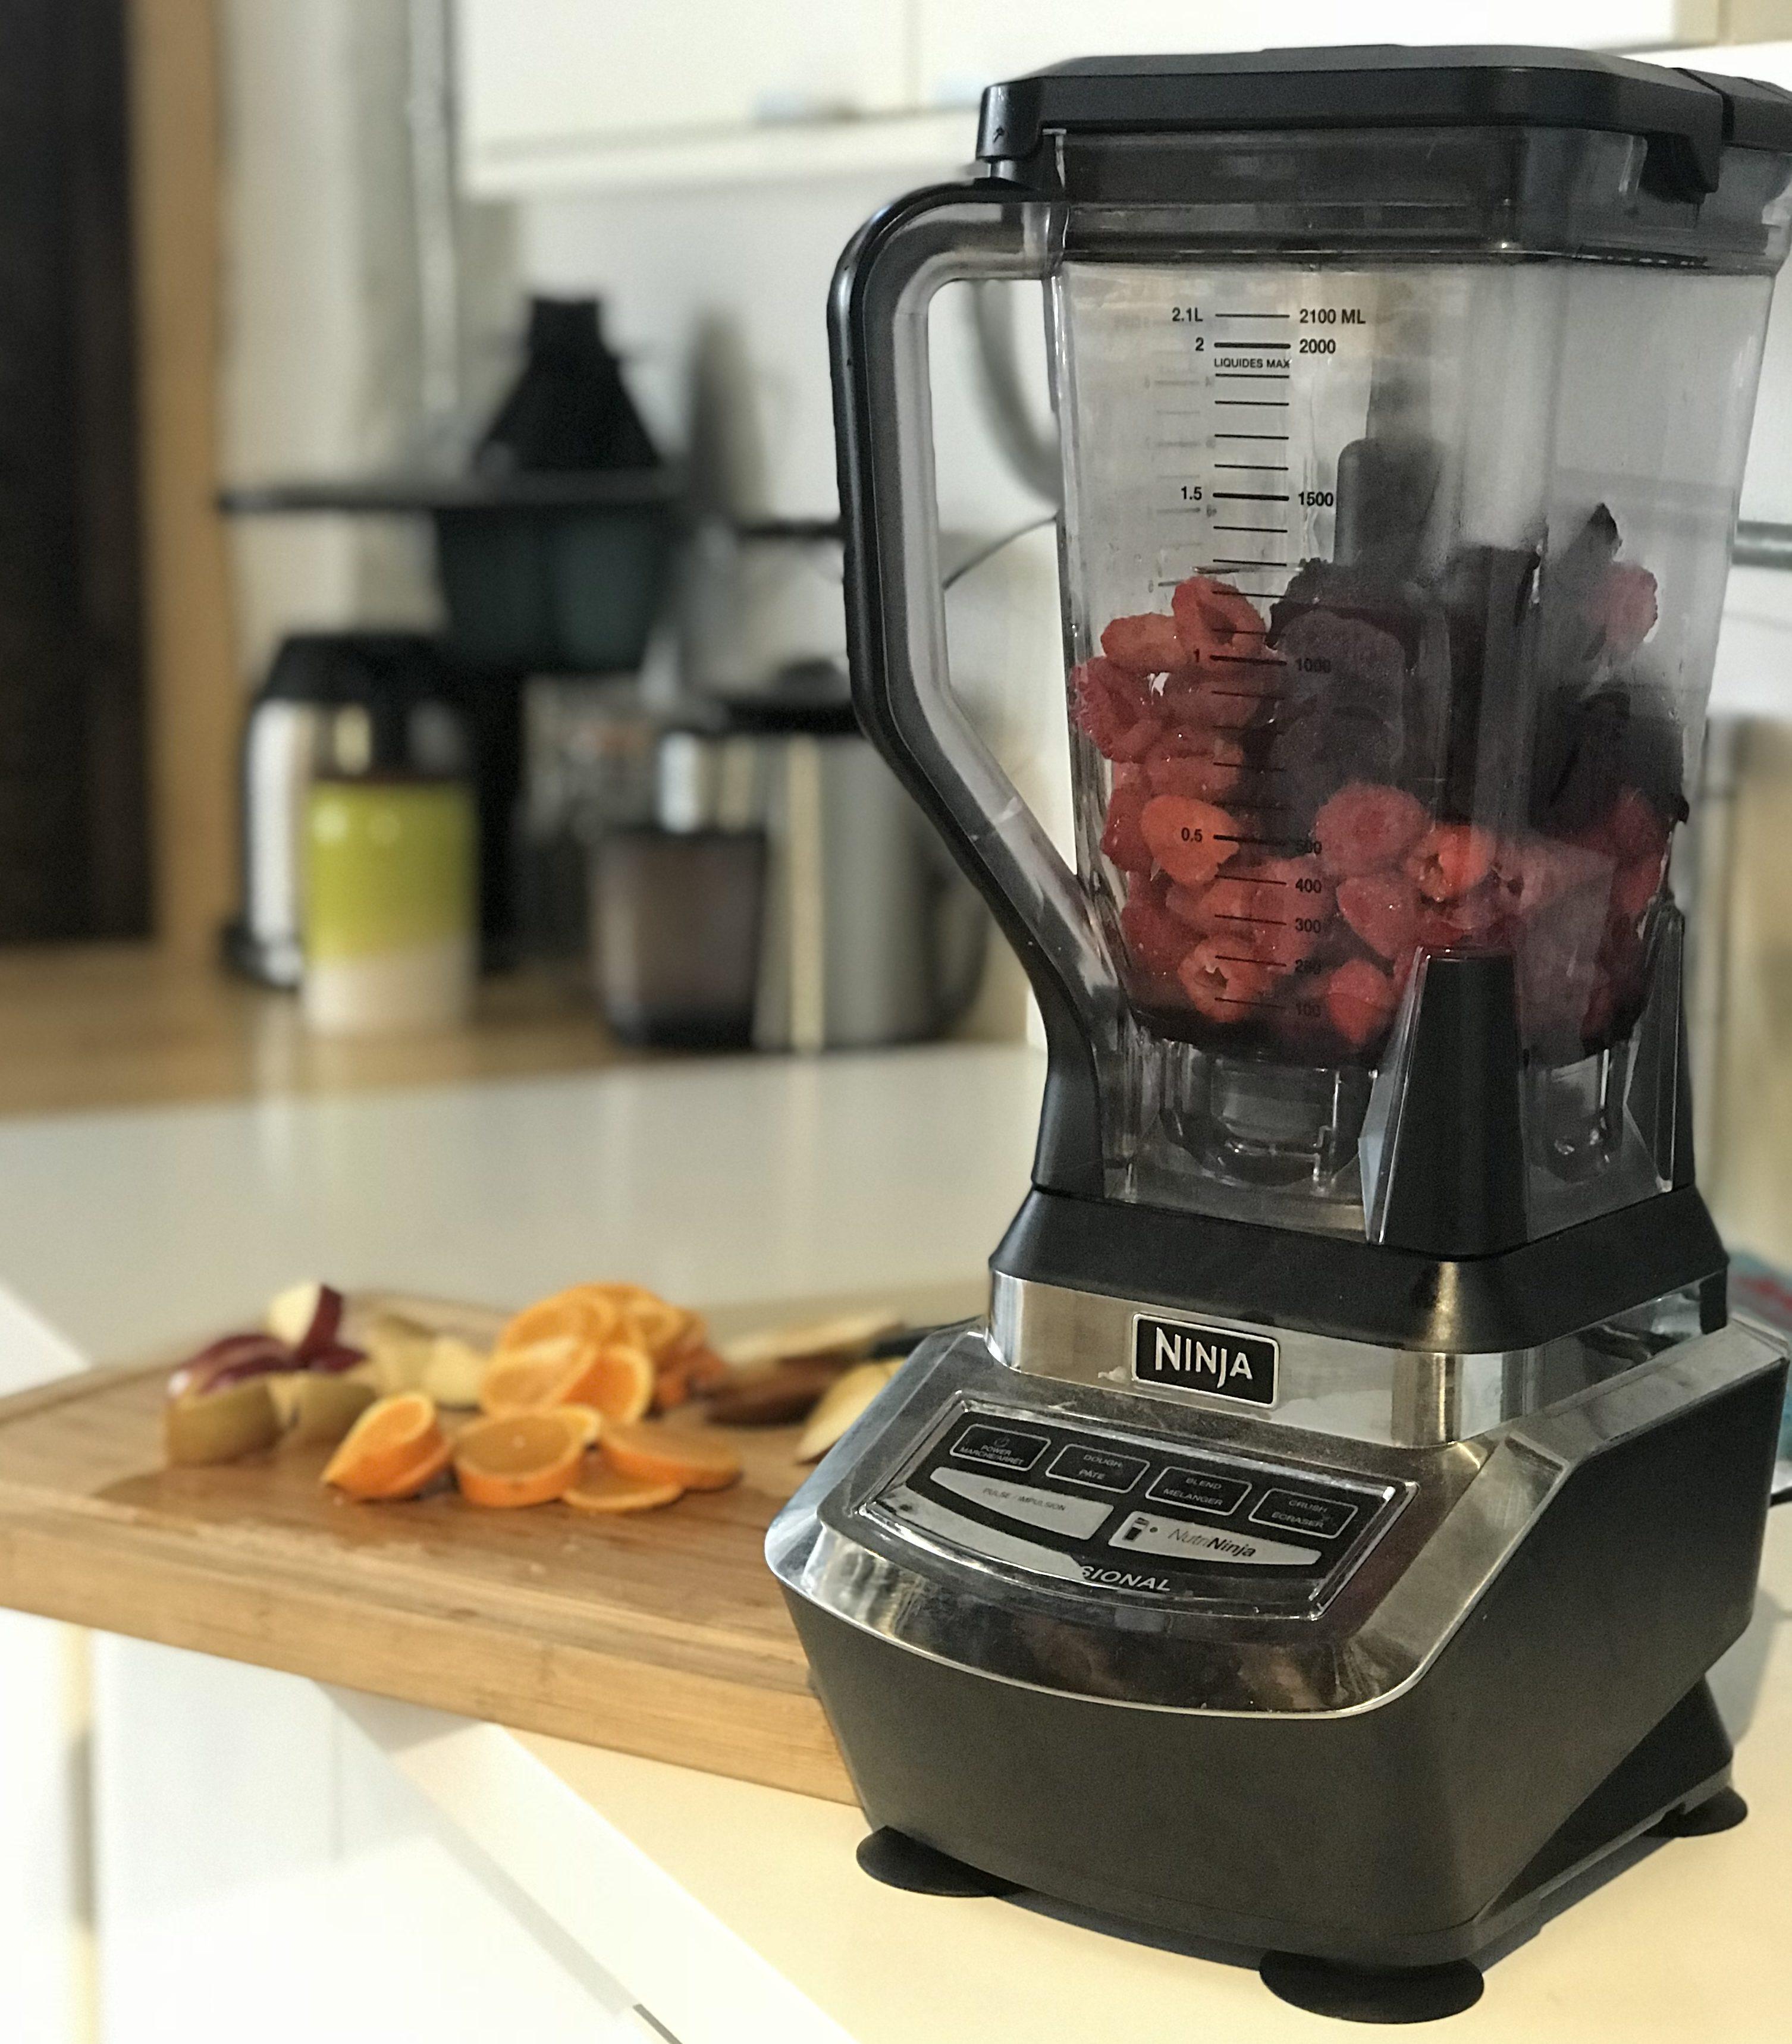 raspberries in a blender